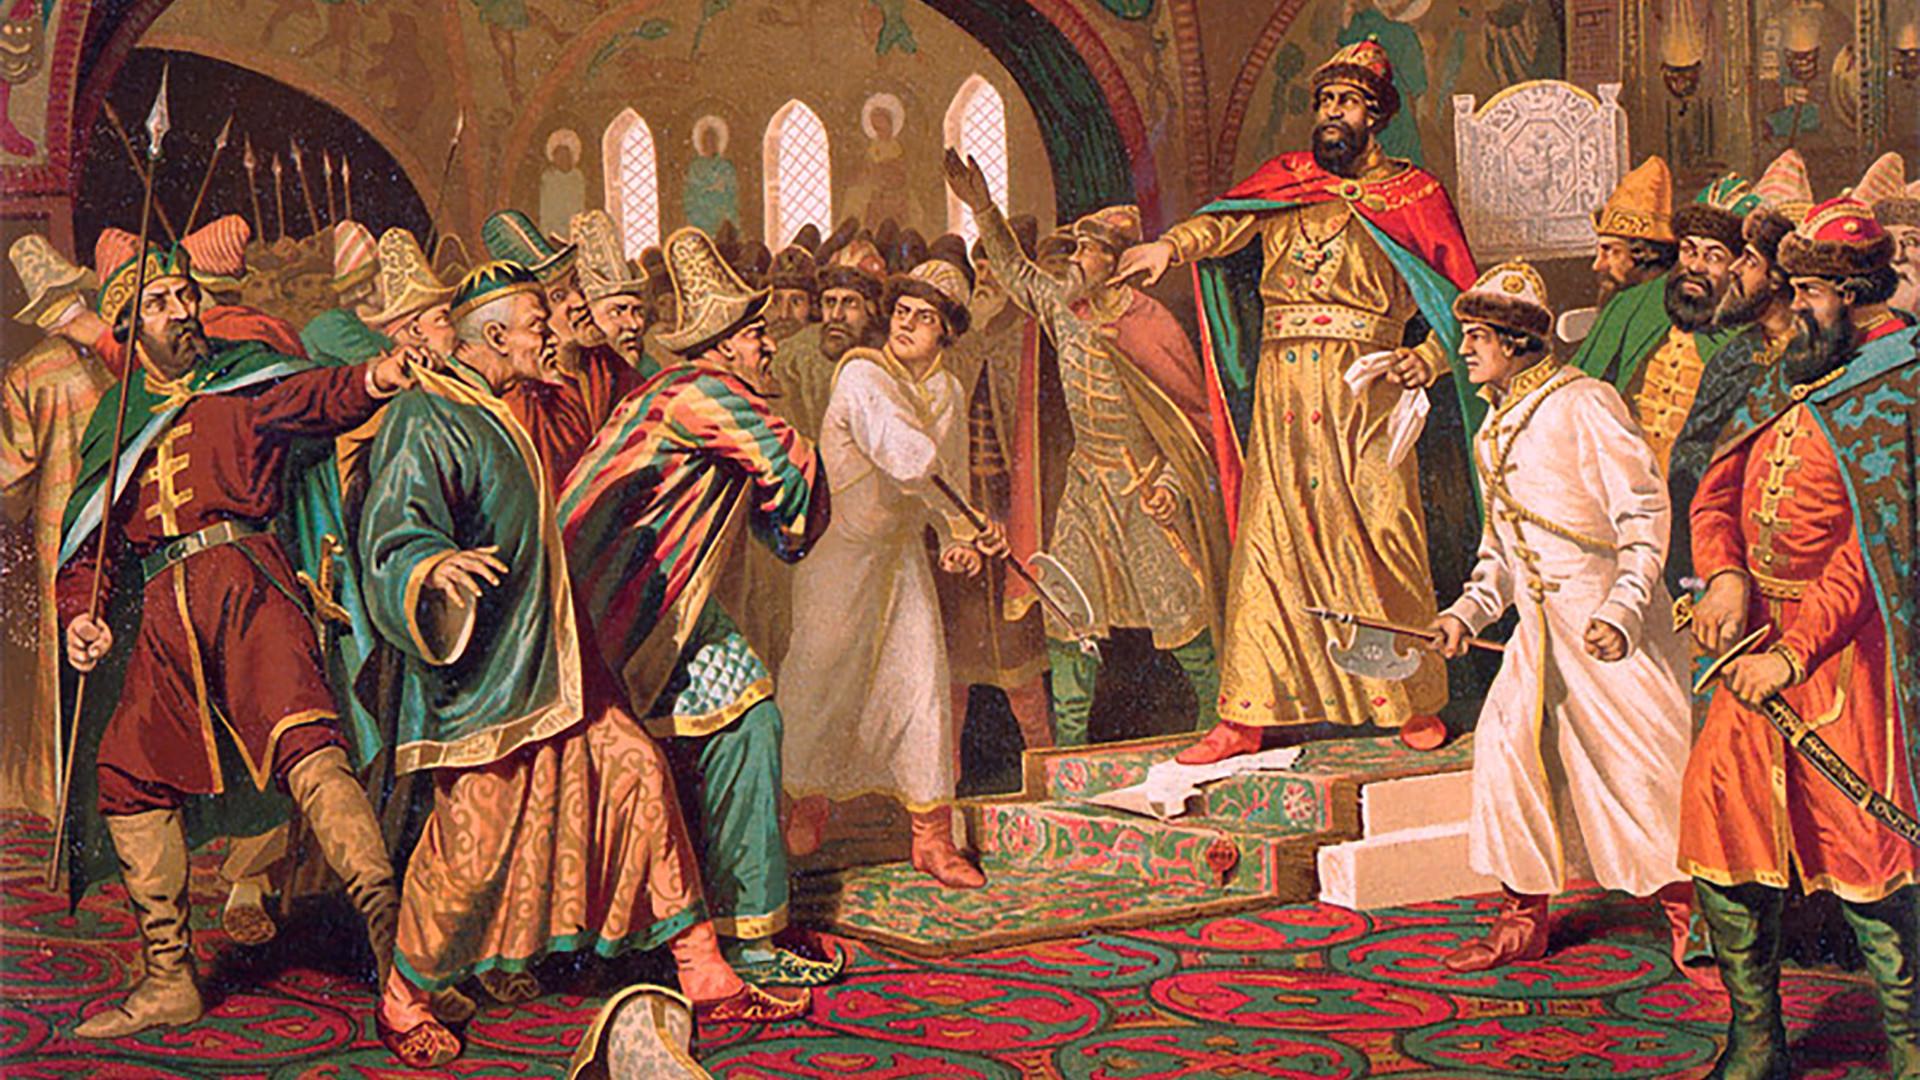 Иван III цепа каново писмо, Алексеј Кившенко. Према легенди, Иван III је поцепао Ахматово писмо у коме је овај тражио да се плати данак.